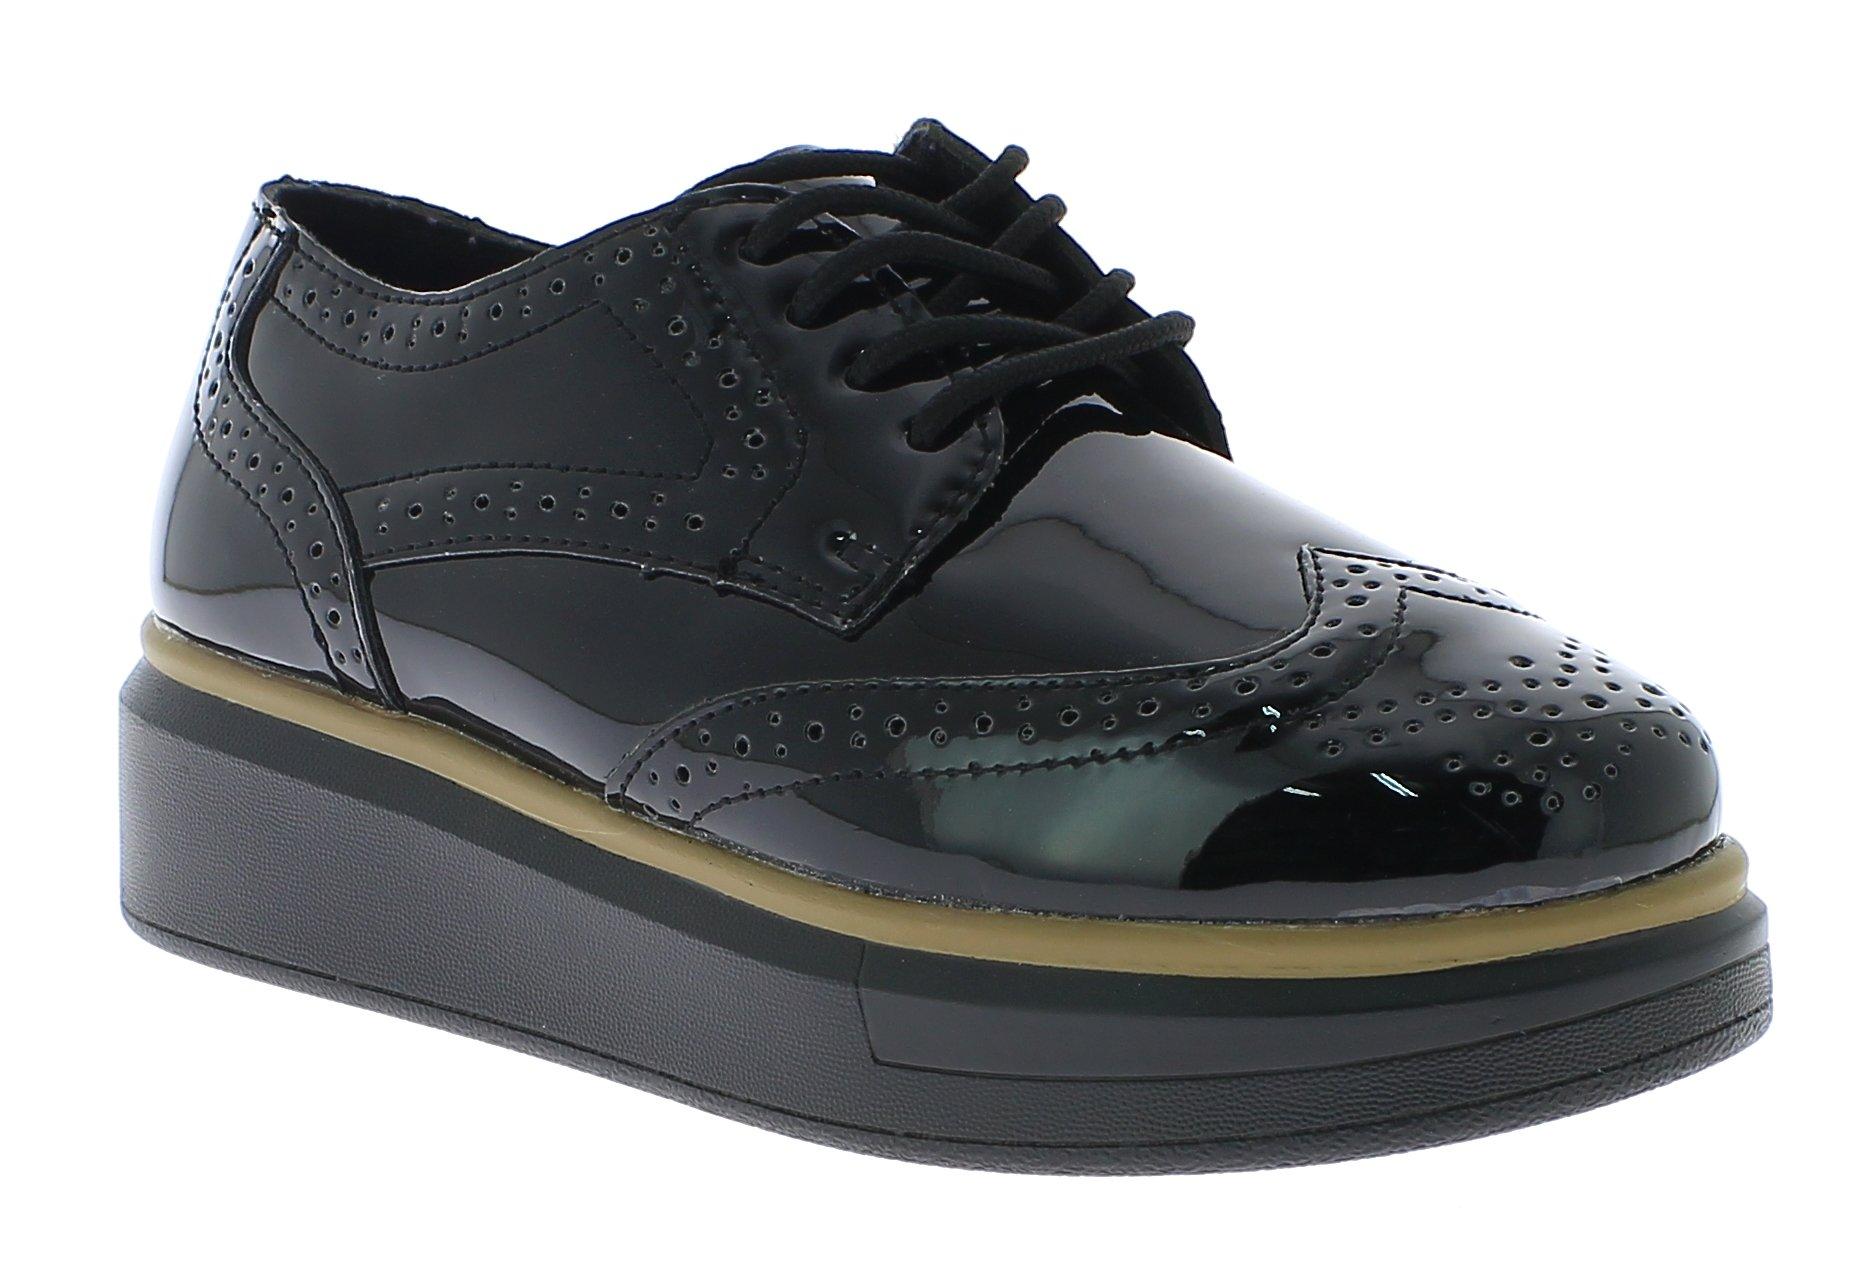 SWEDEN KLE Γυναικείο Casual 564018 Μαύρο - SWEDEN KLE - 564018 BLACK-black-38/1/ προϊόντα παπούτσια